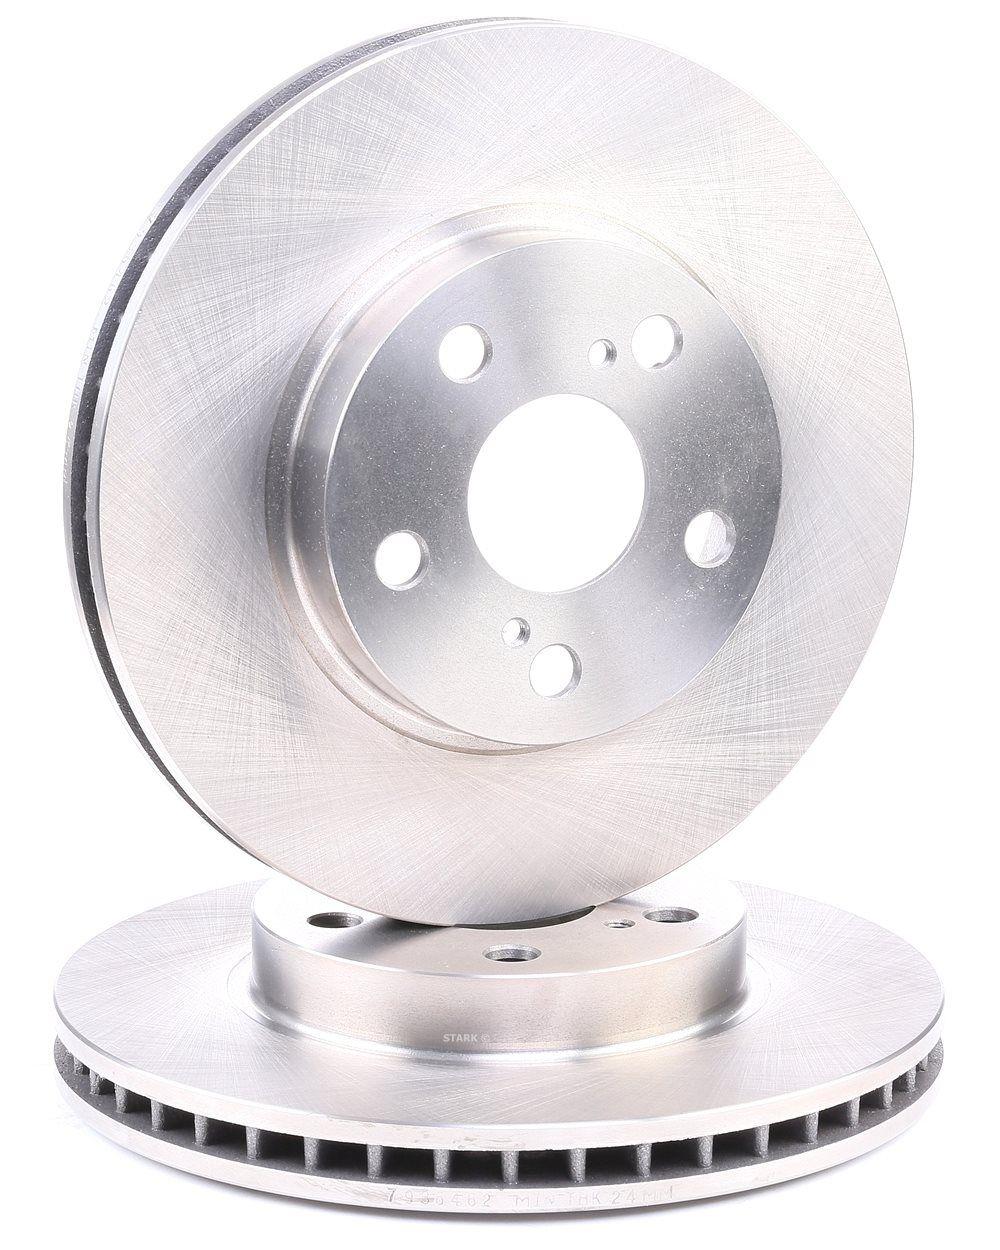 SKBD-0022968 STARK Vorderachse, Innenbelüftet Ø: 255mm, Bremsscheibendicke: 25mm Bremsscheibe SKBD-0022968 günstig kaufen